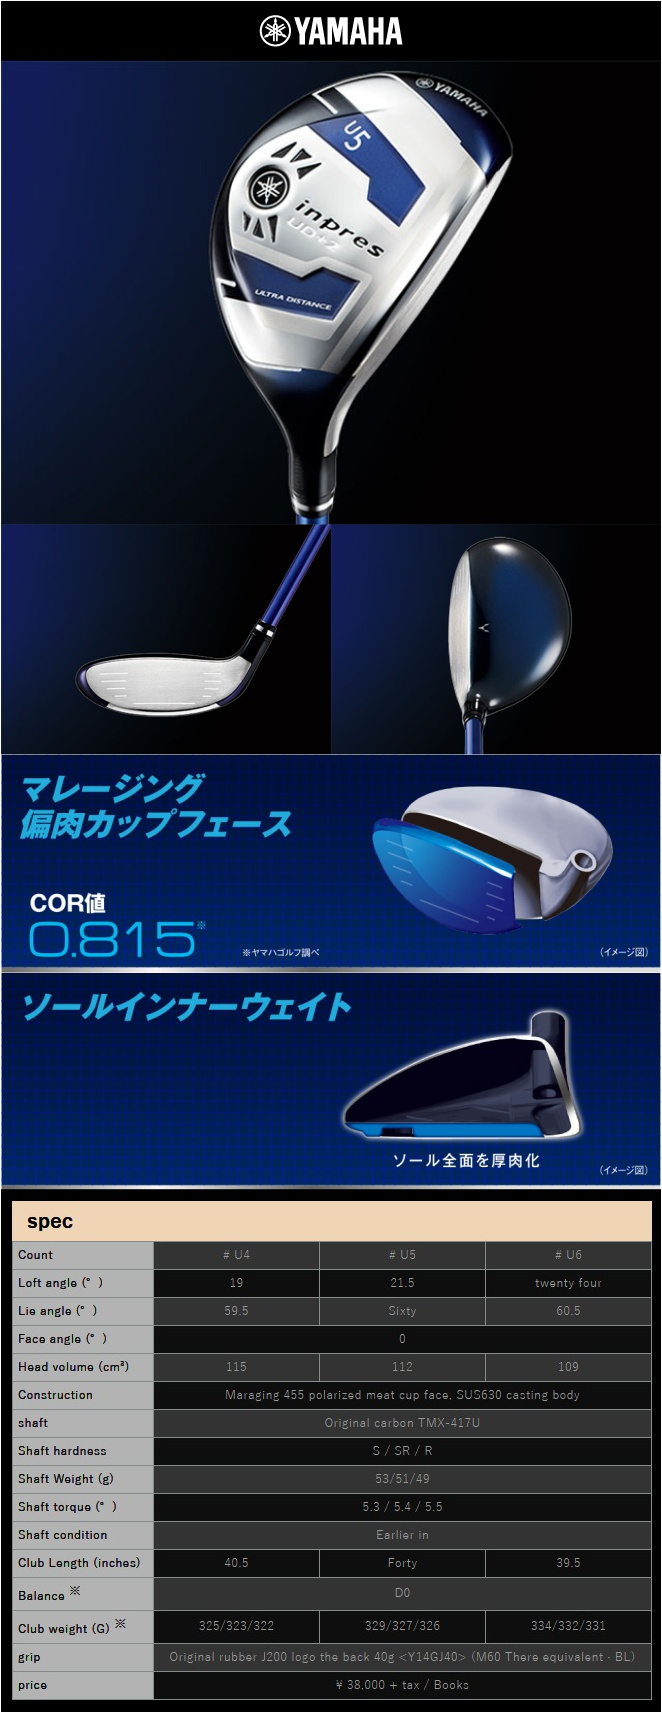 Yamaha Inpres UD+2 Utility